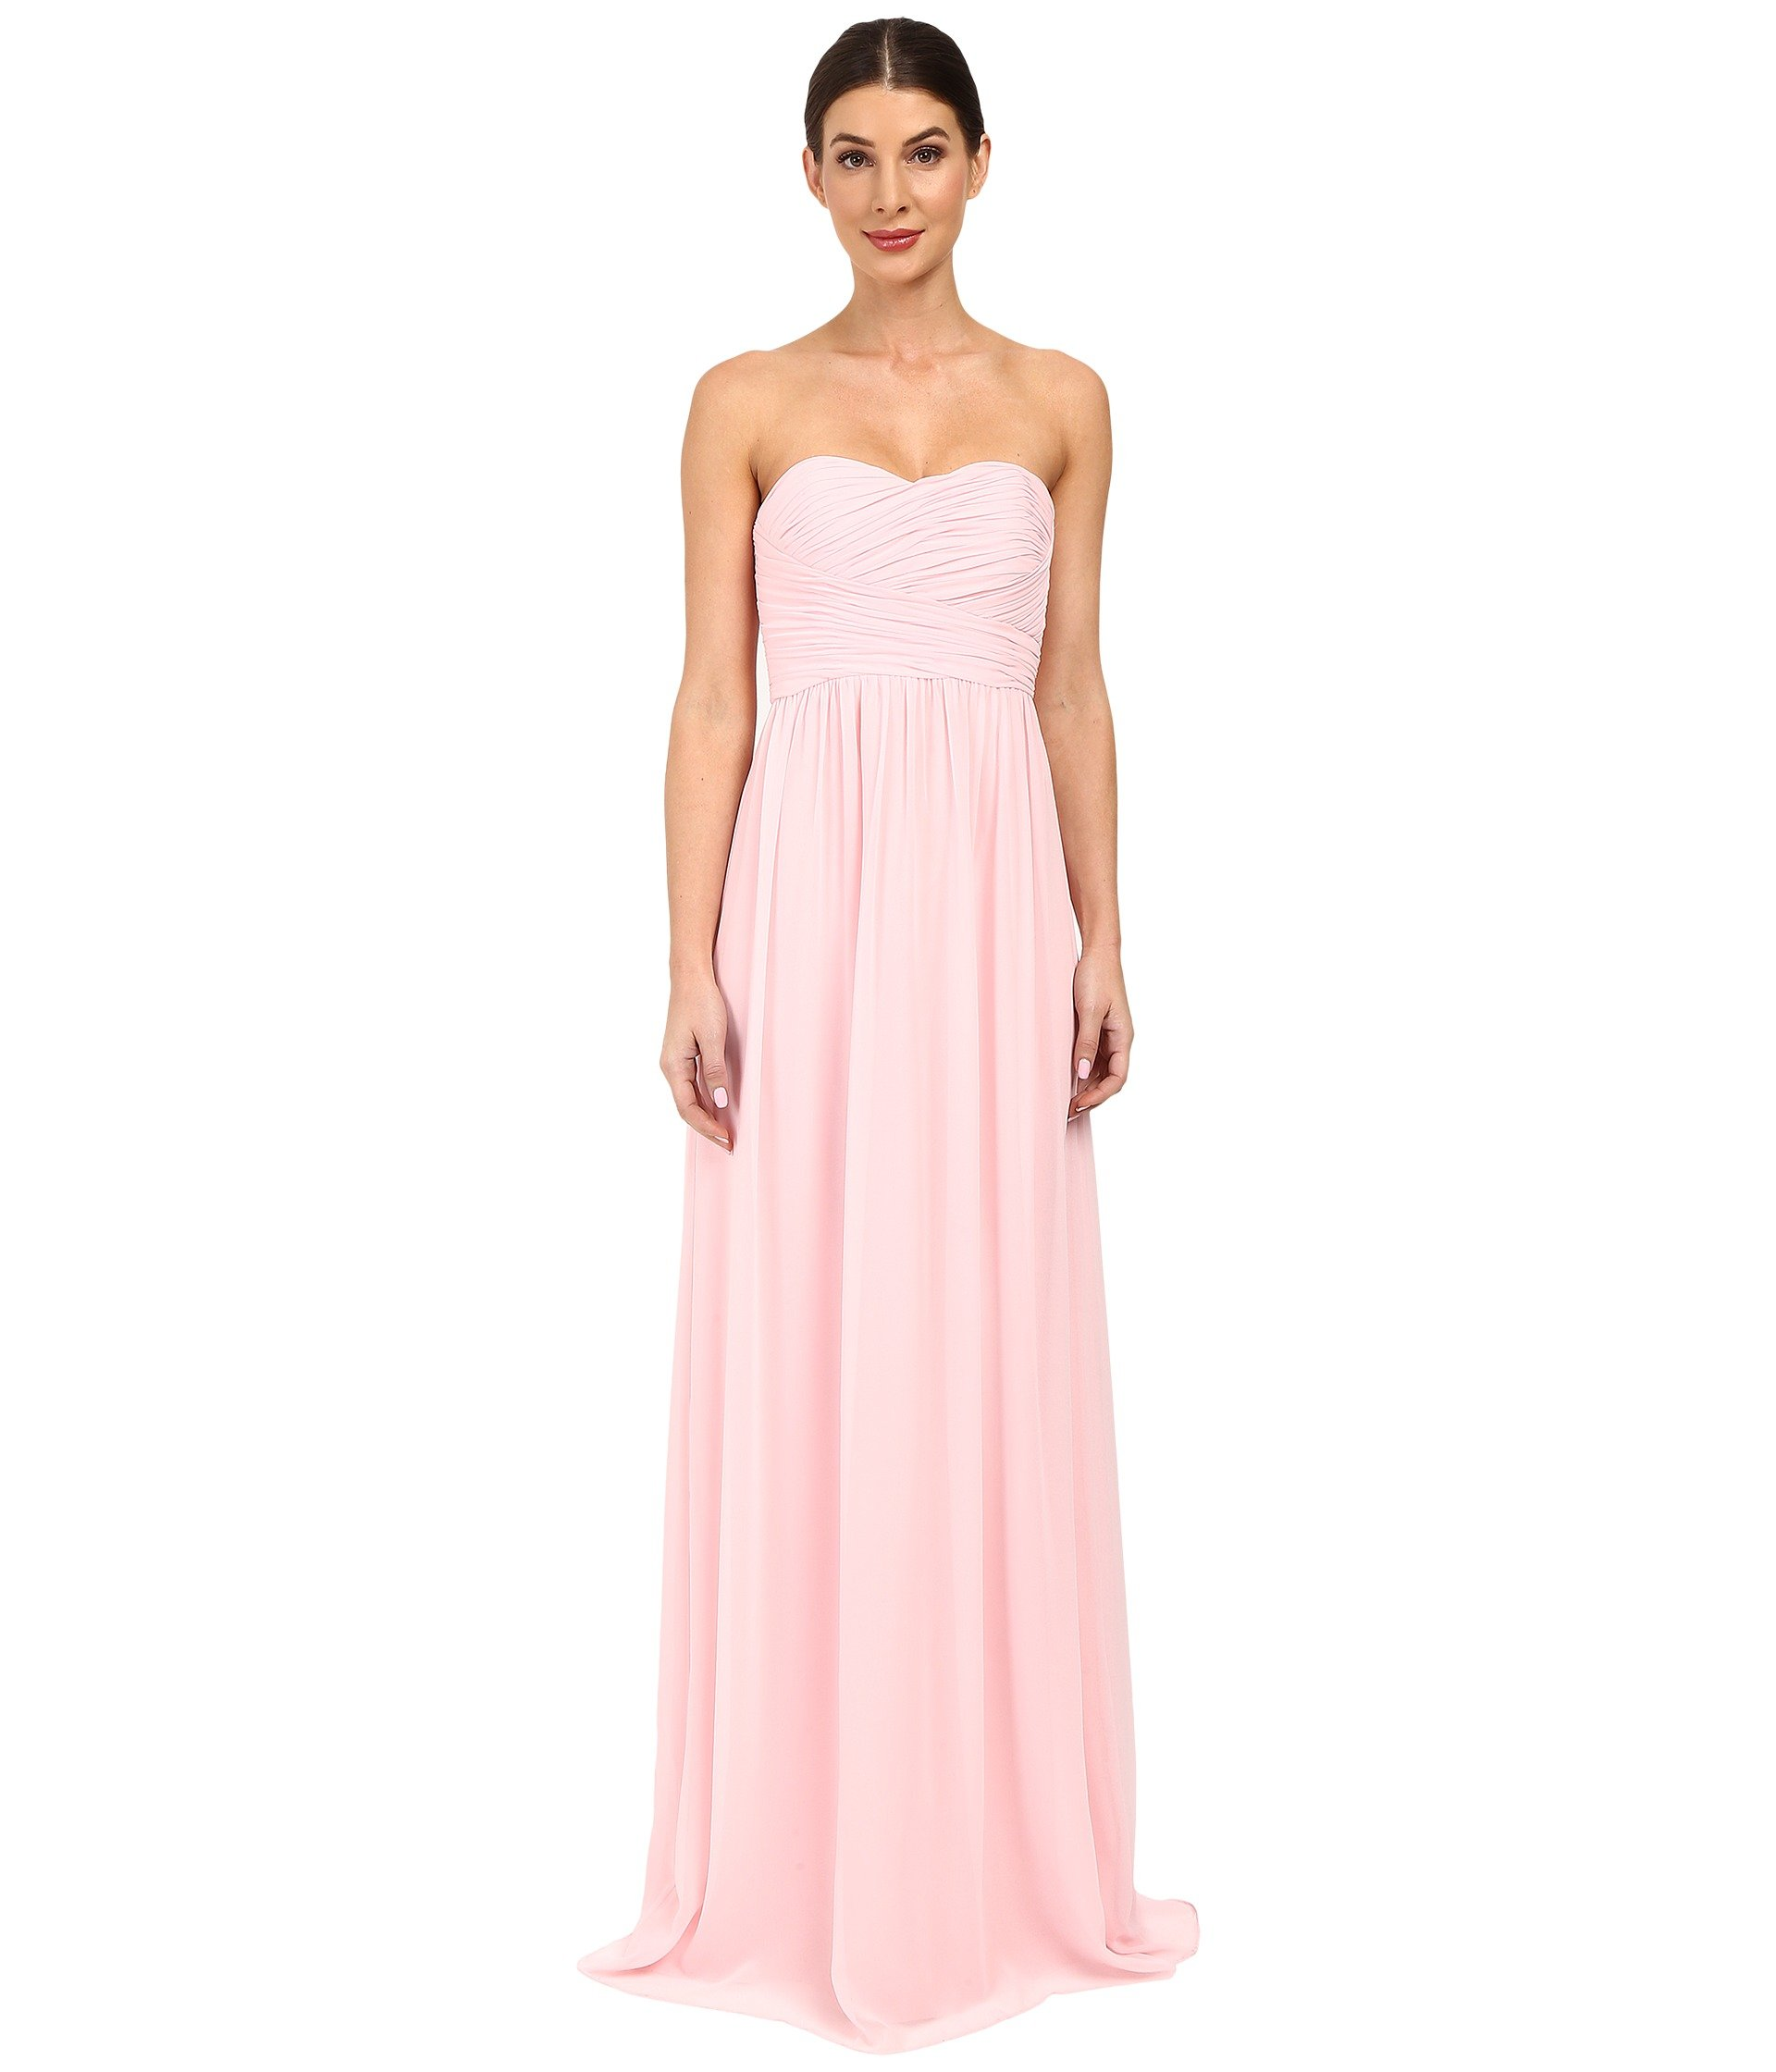 Strapless Chiffon Gown - Stephanie